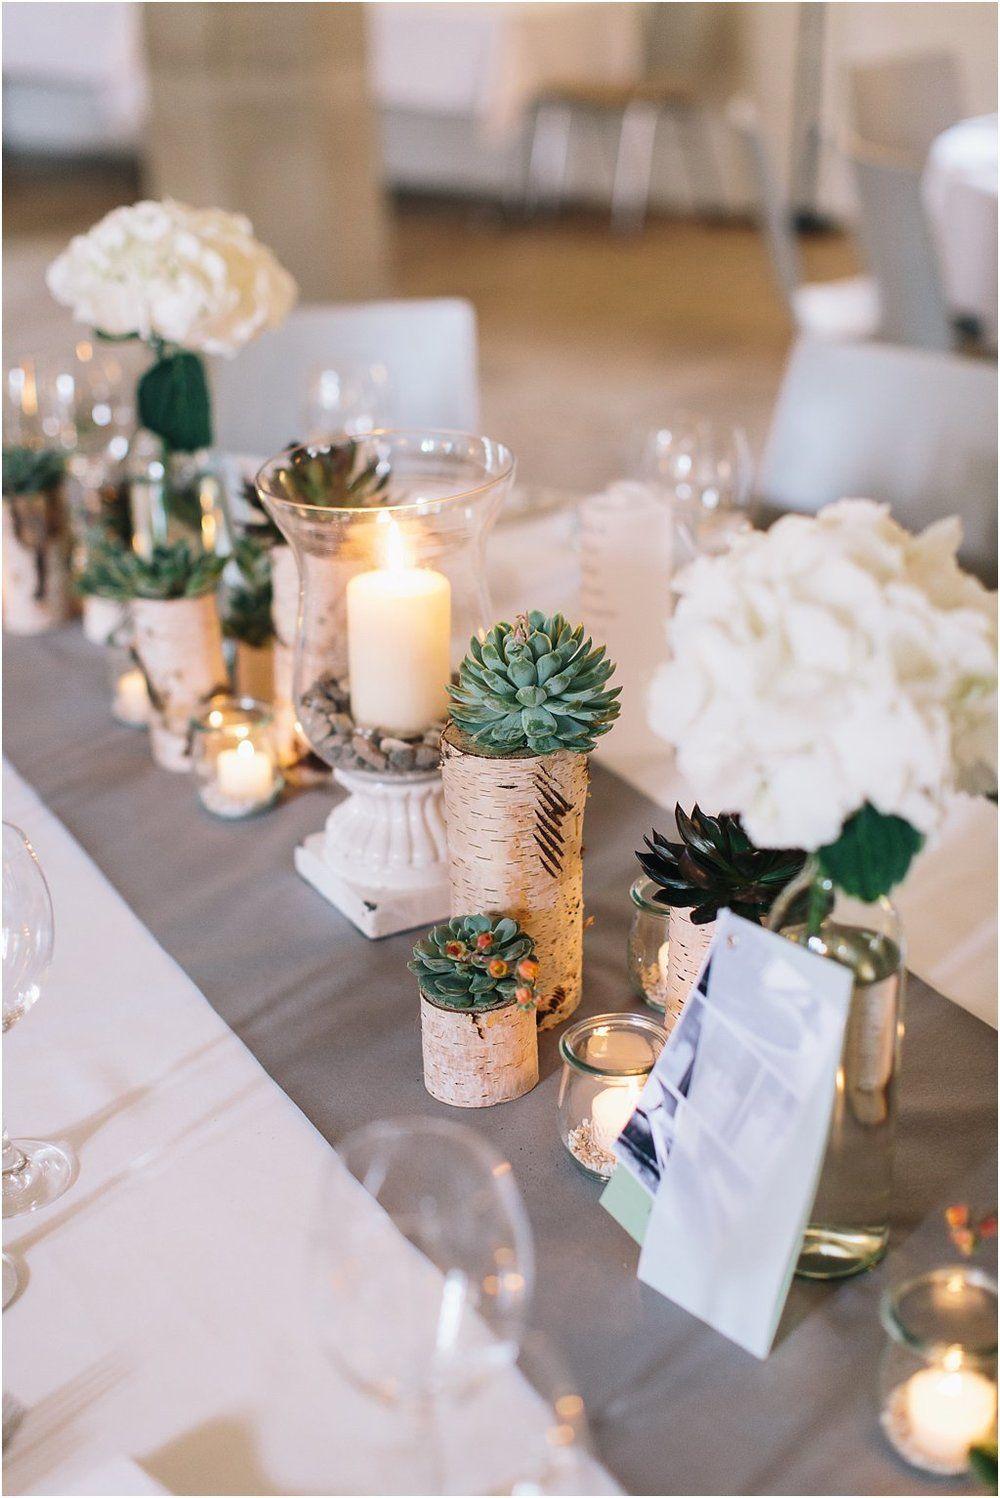 Tischdeko Mit Birke Und Sukkulenten Tisch Dekorieren Birke Hochzeit Sukkulenten